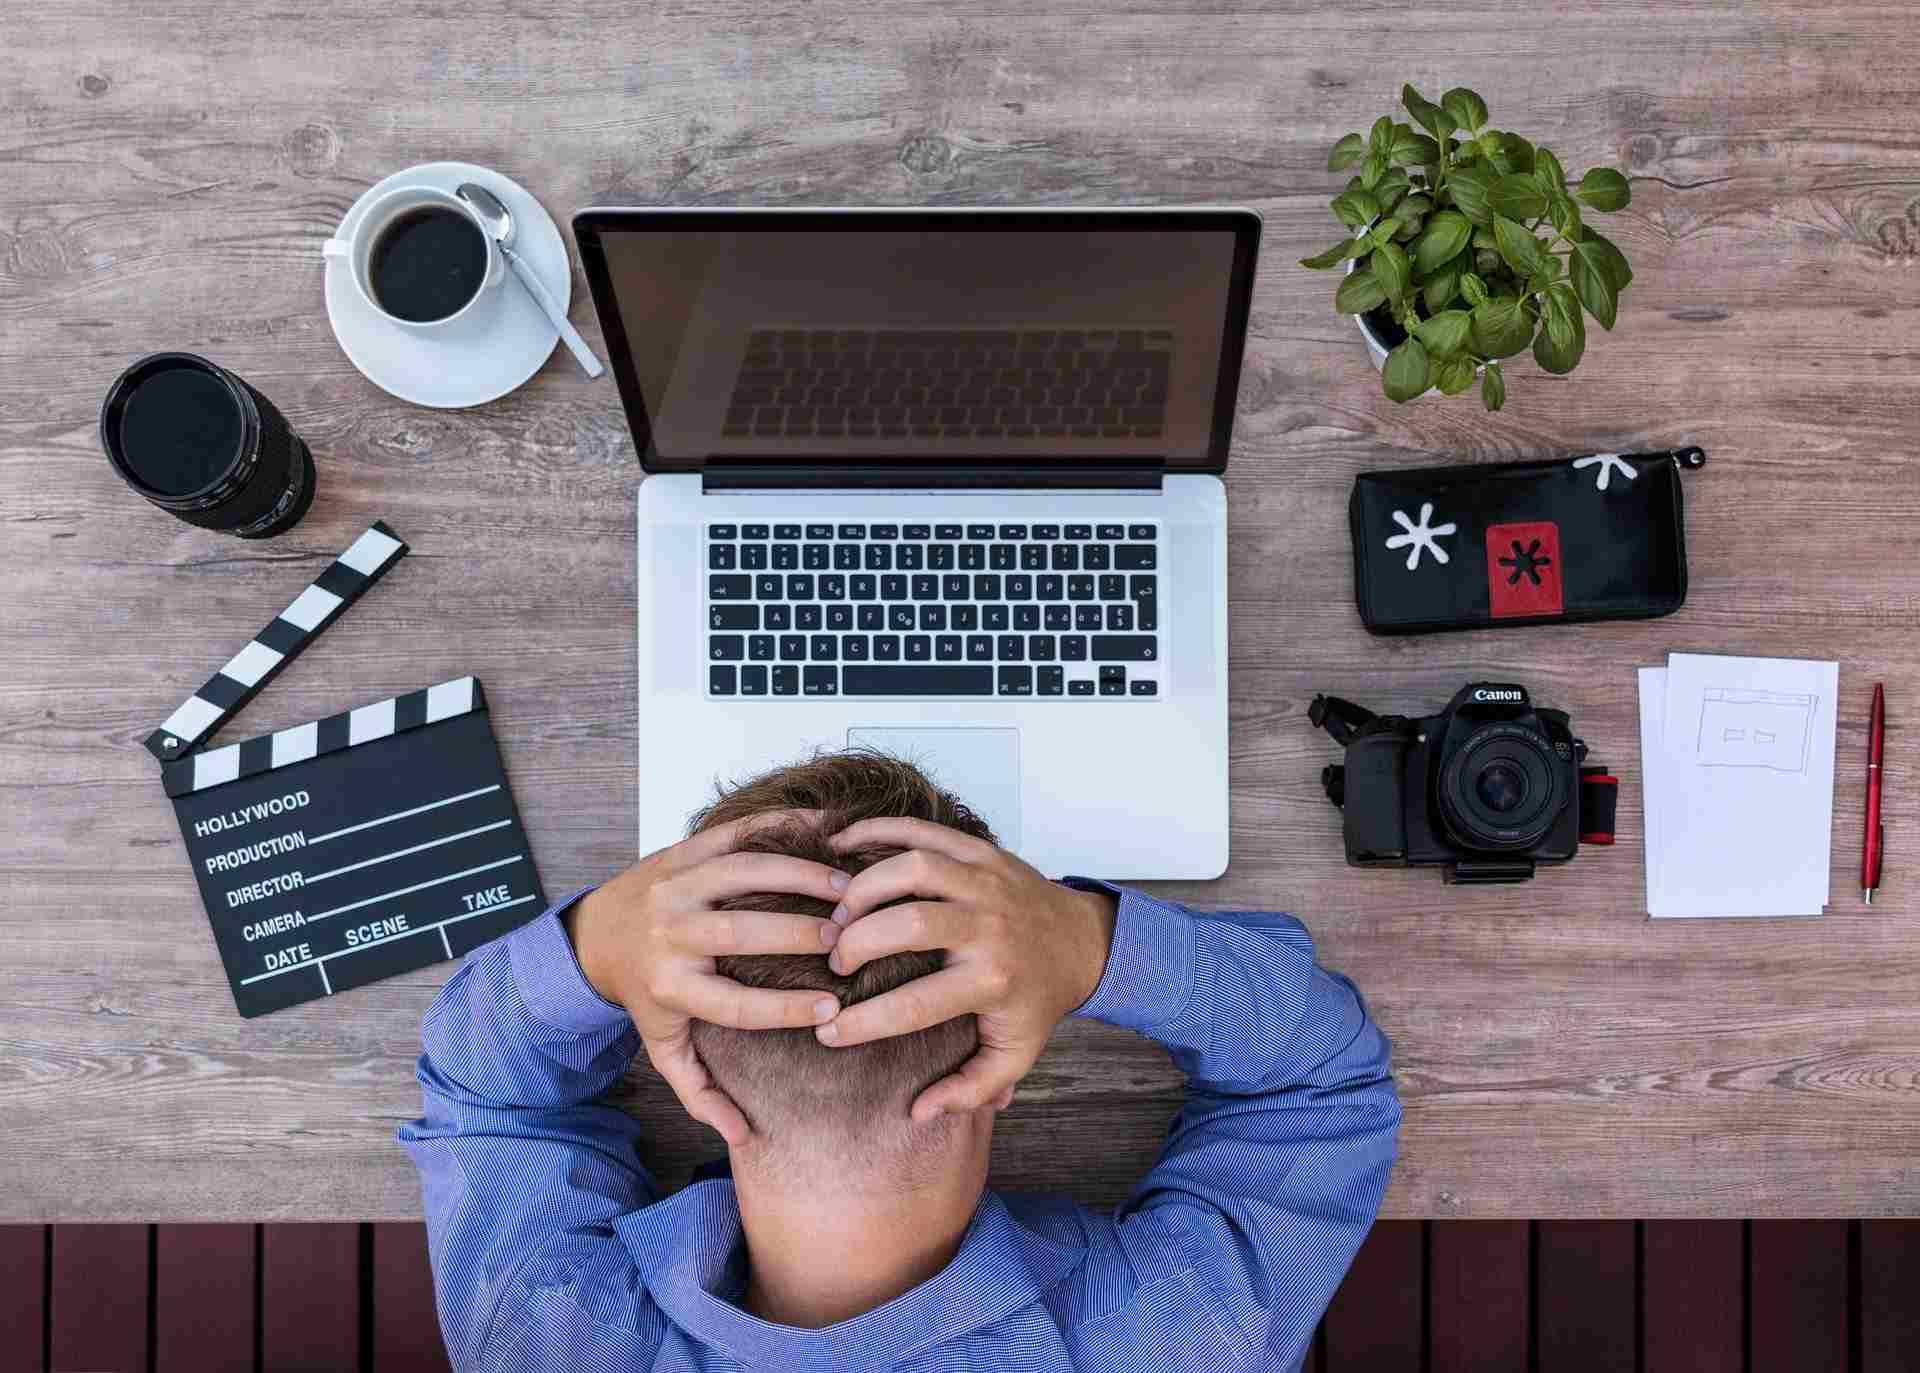 Mann frustriert vor Laptop